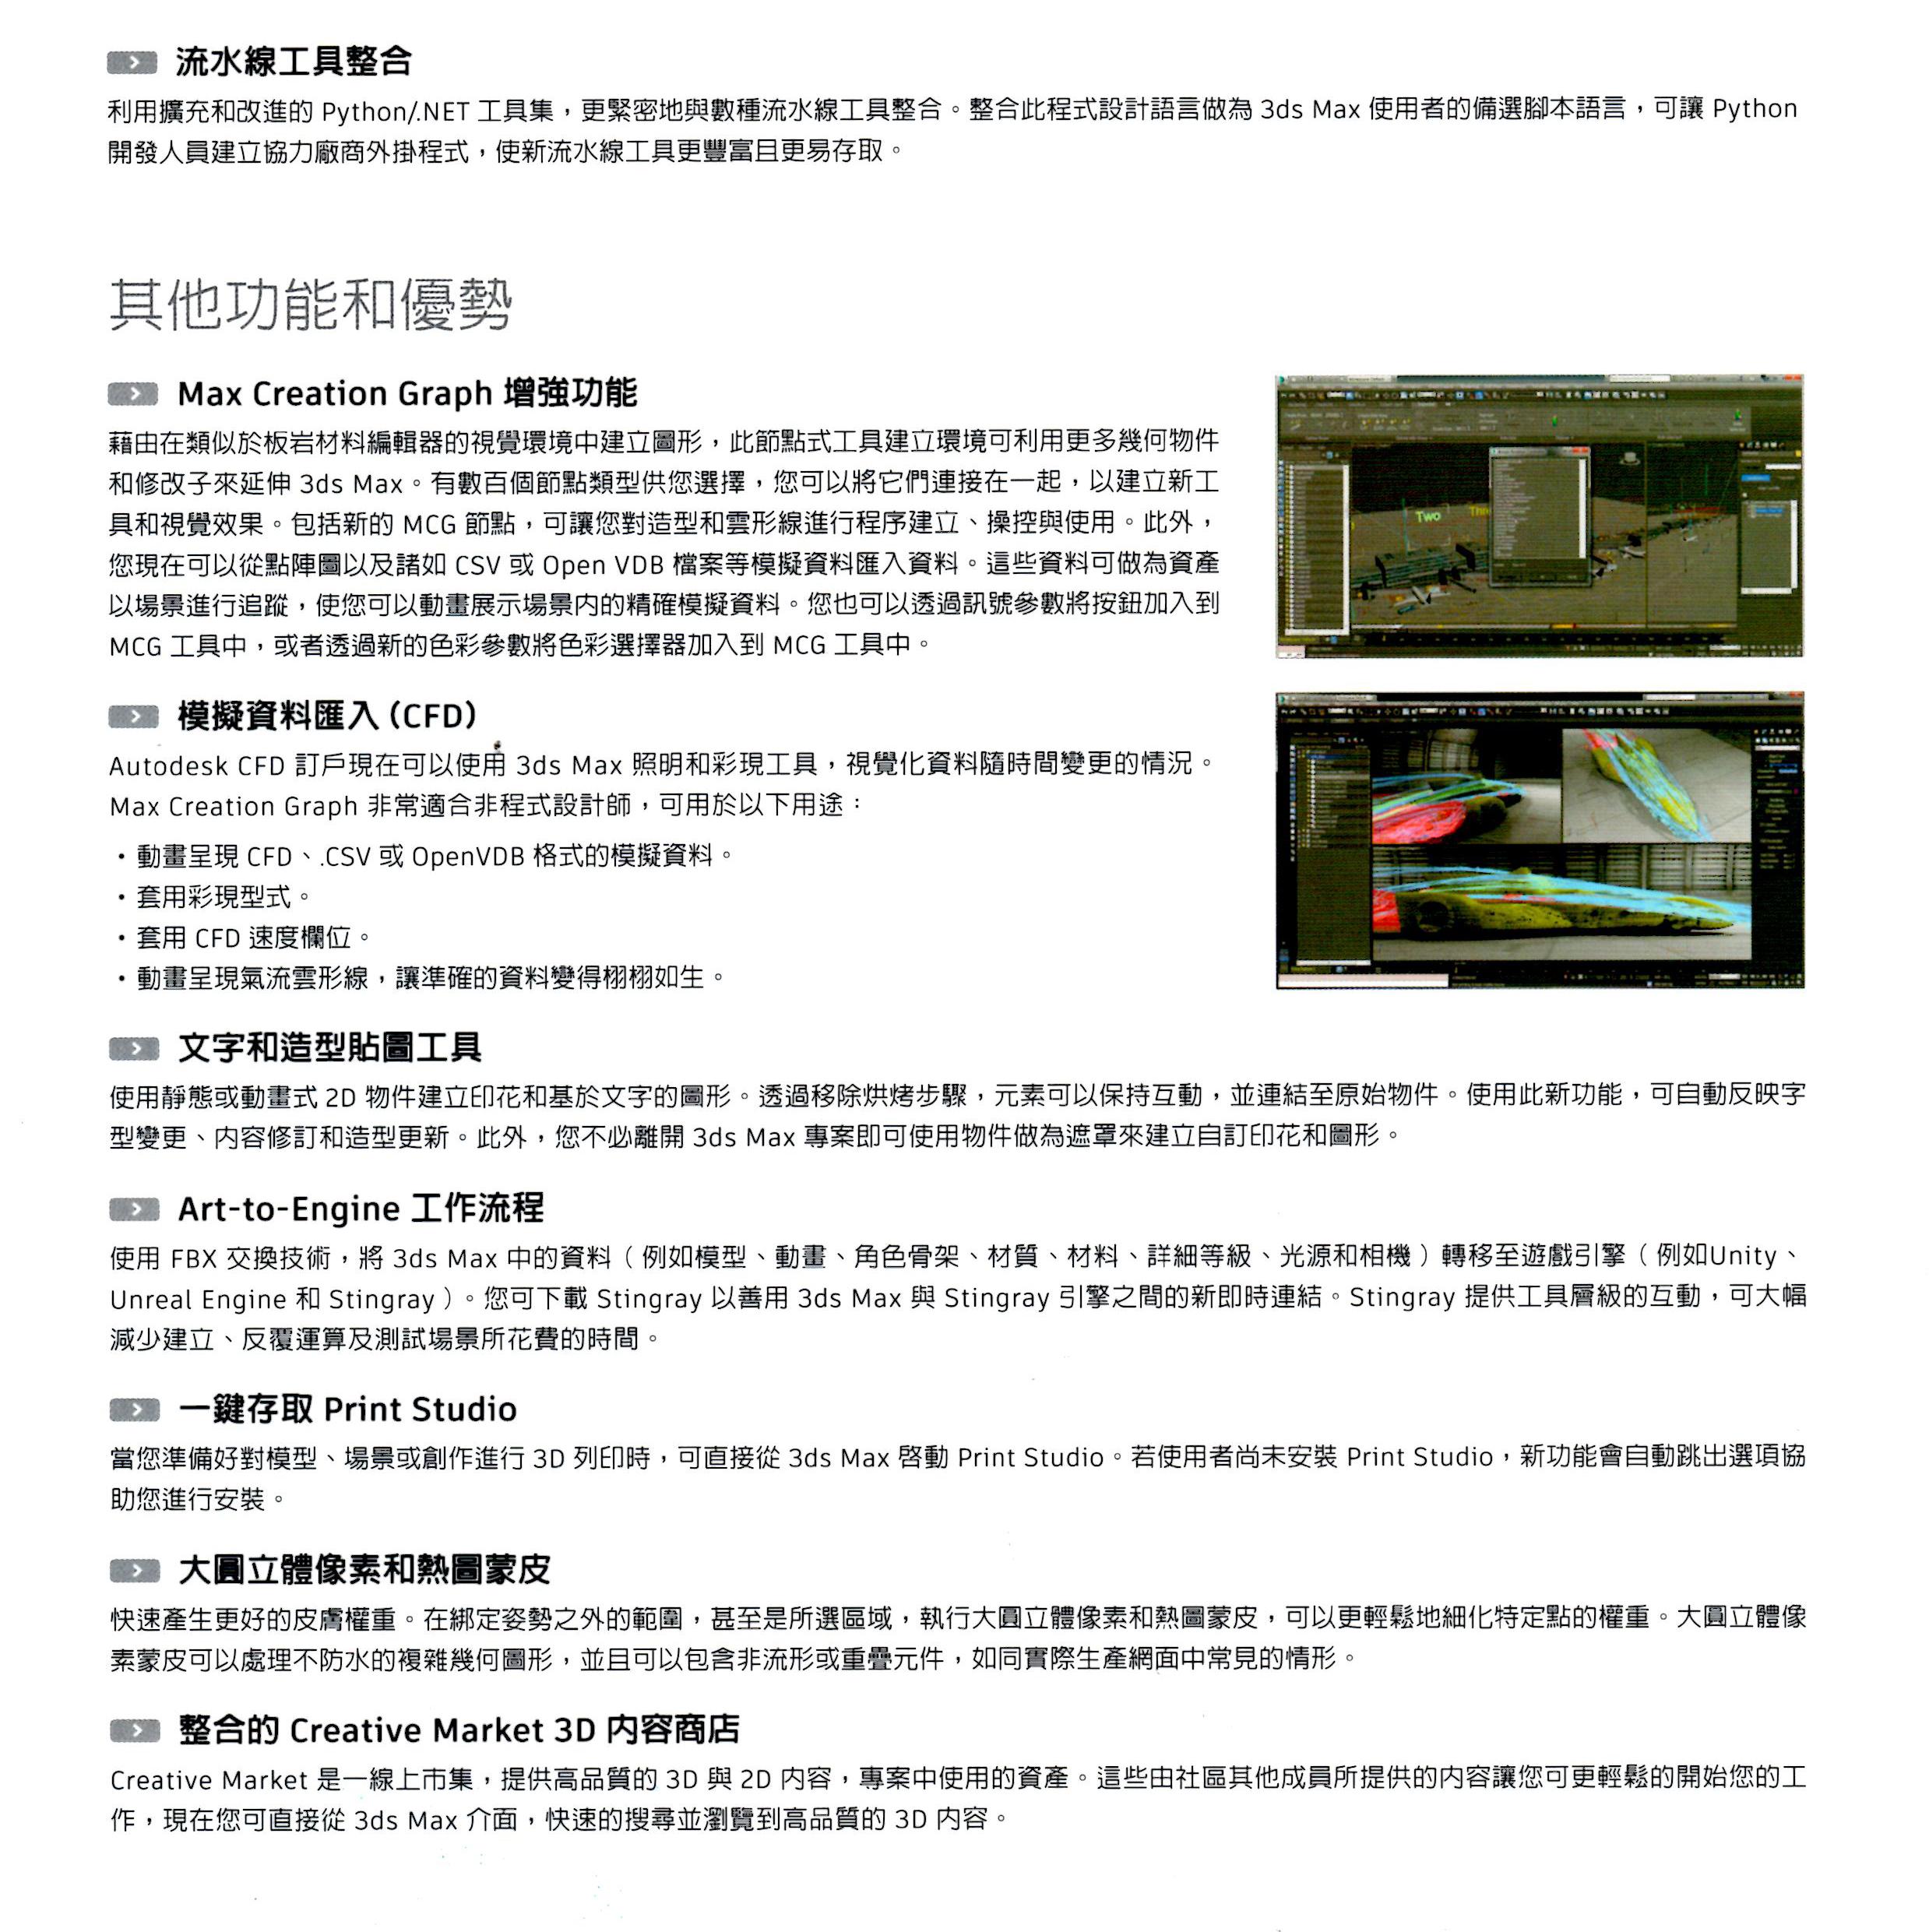 3DMAX_PAGE2_TECHEZ